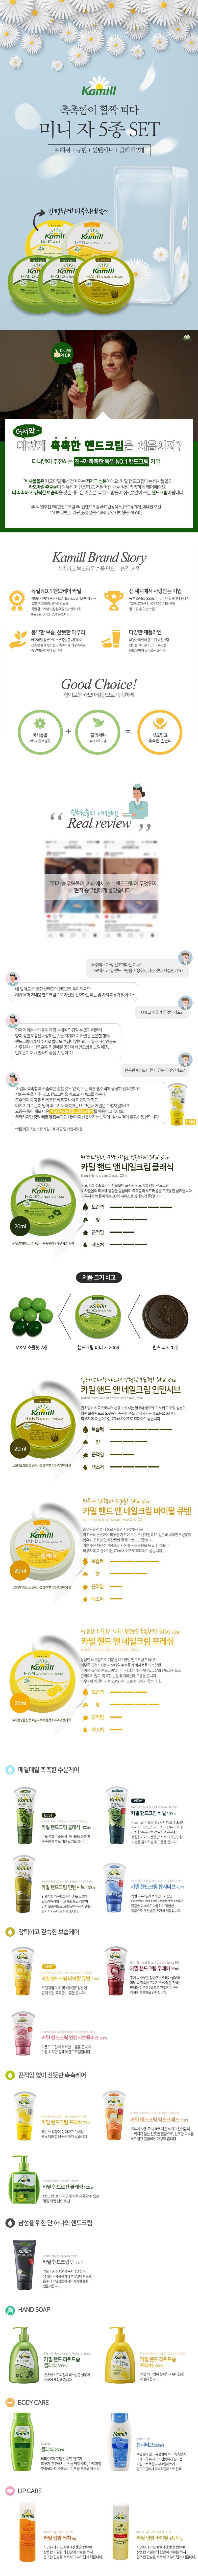 핸드크림 미니 자타입 5종 SET - 카밀, 12,500원, 바디케어, 핸드/풋크림